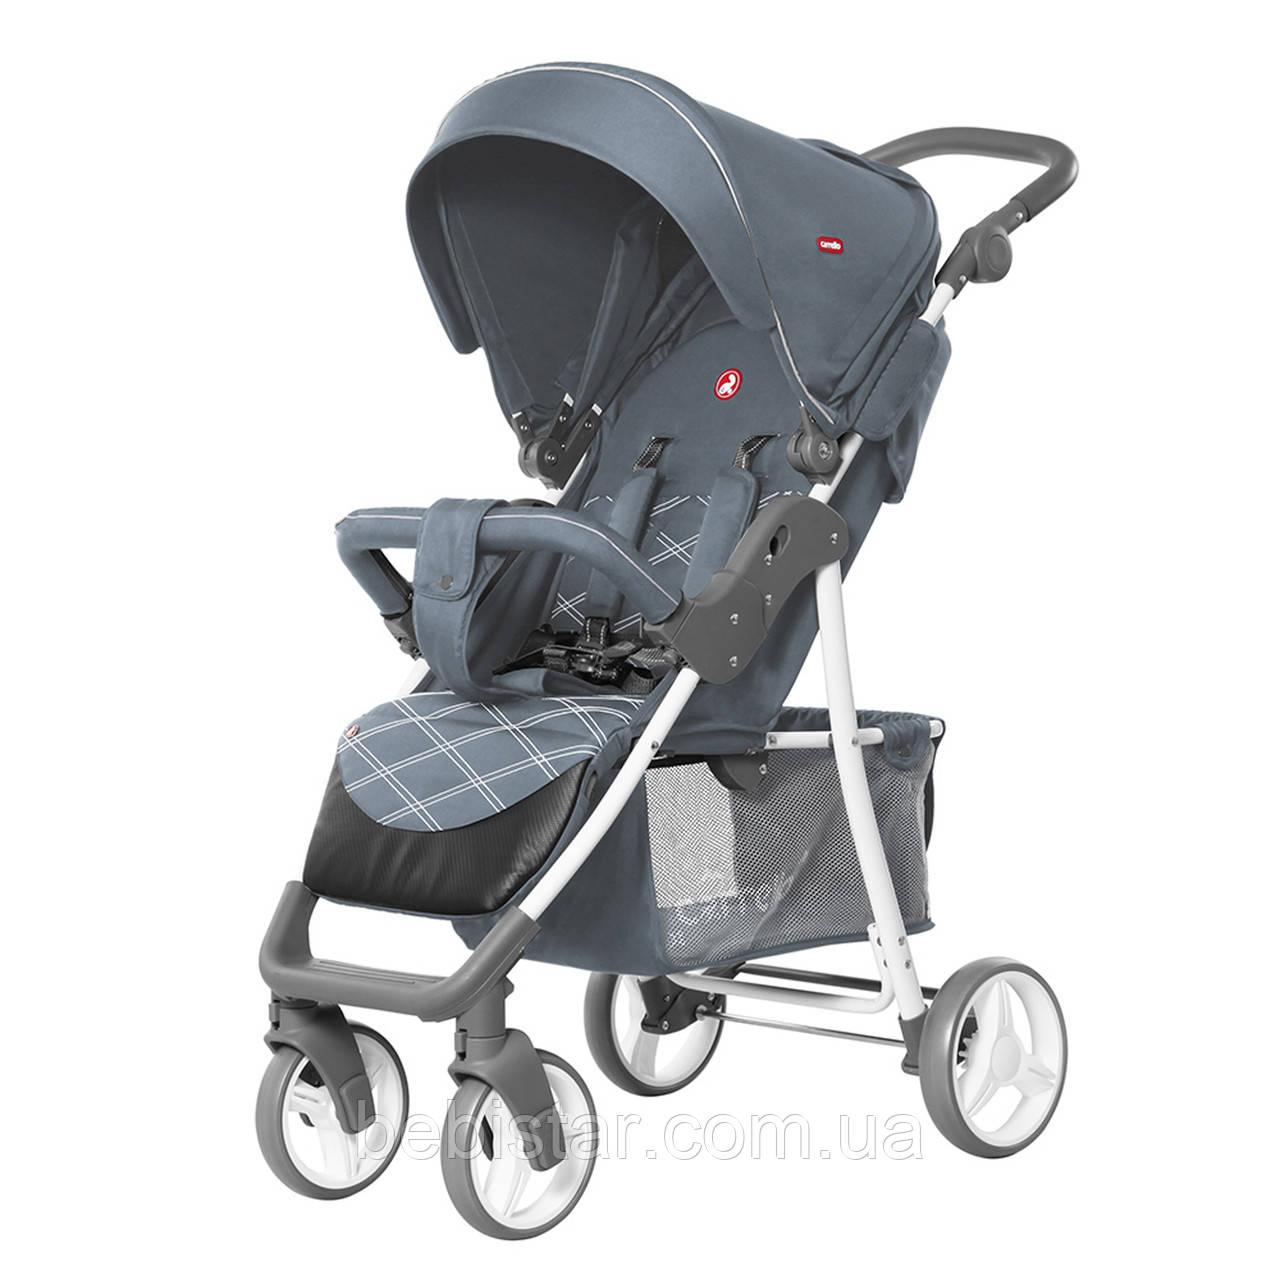 Детская прогулочная коляска с дождевиком серая, белая рама CARRELLO Quattro CRL-8502/2 Metal Gray